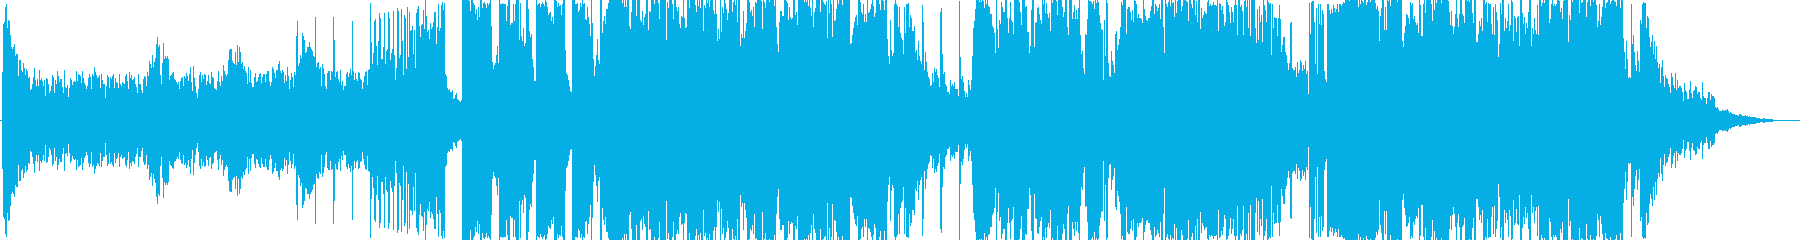 凶悪な雰囲気のDEATHSTEP系楽曲の再生済みの波形